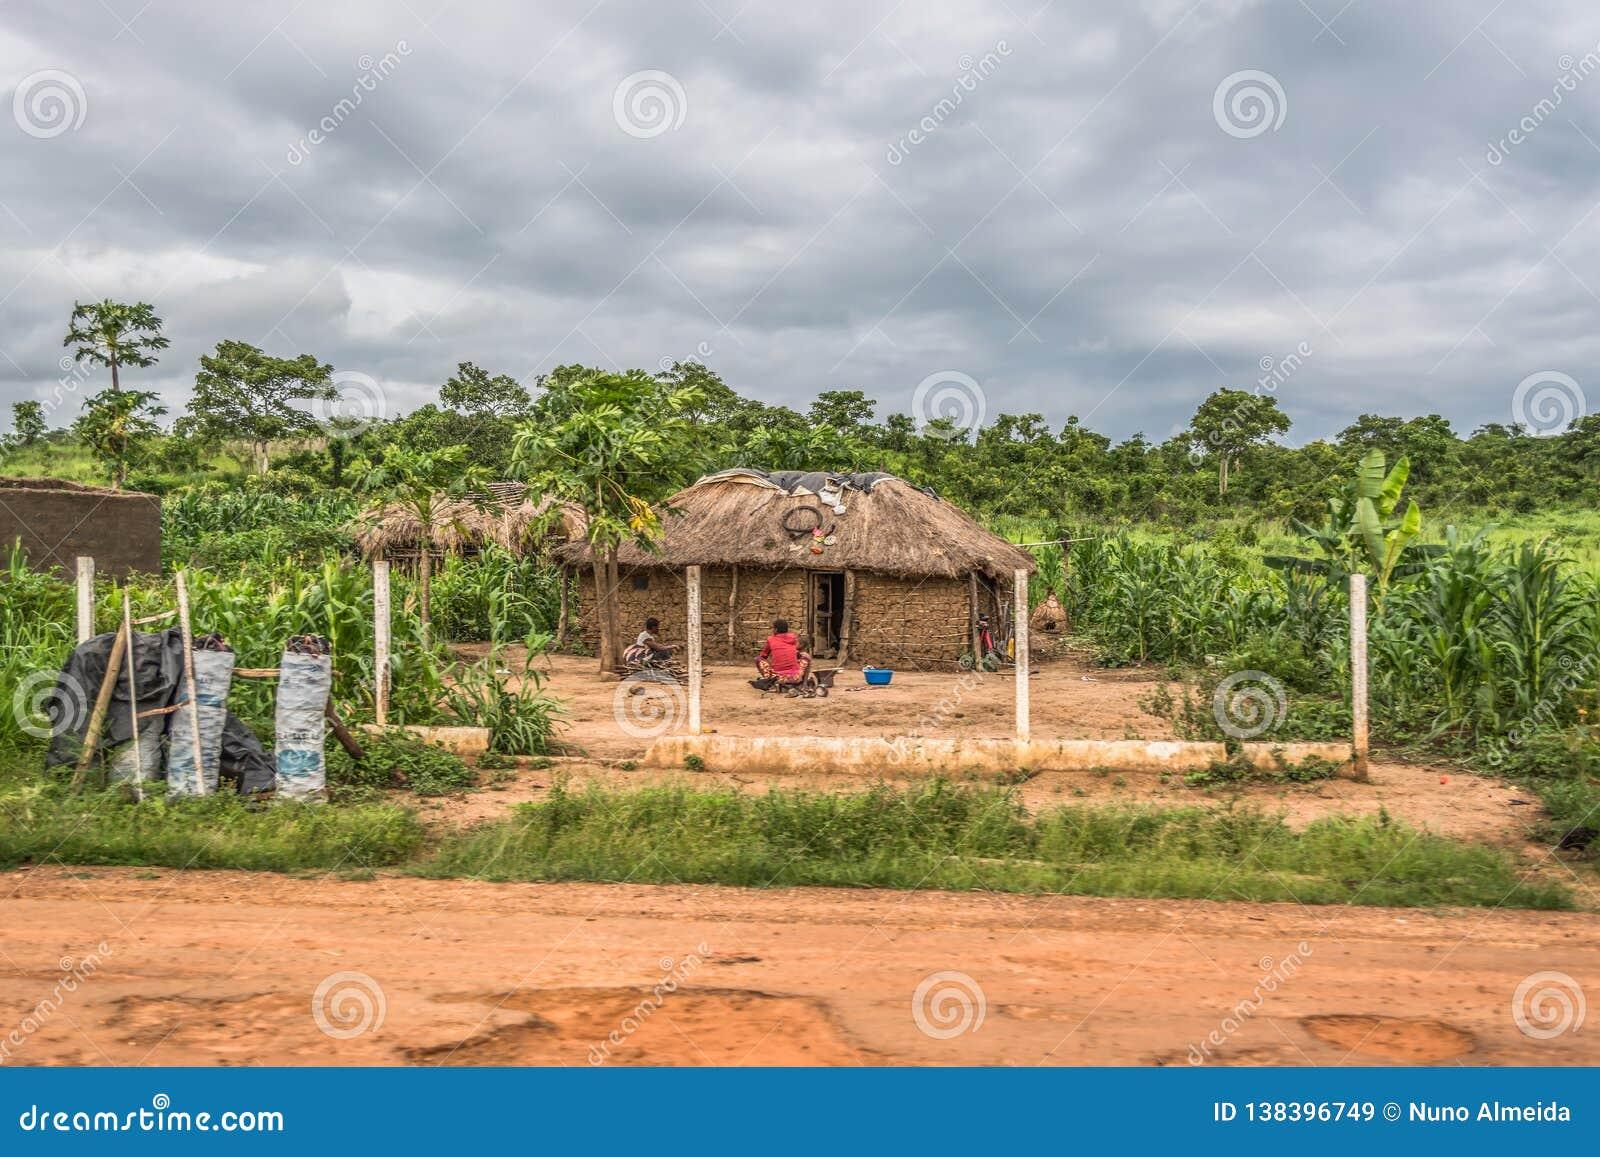 Widok tradycyjna wioska, dwa kobiety i dziecka obsiadanie przed pokrywającym strzechą domem z ścianami, dachu, terakoty i słomy